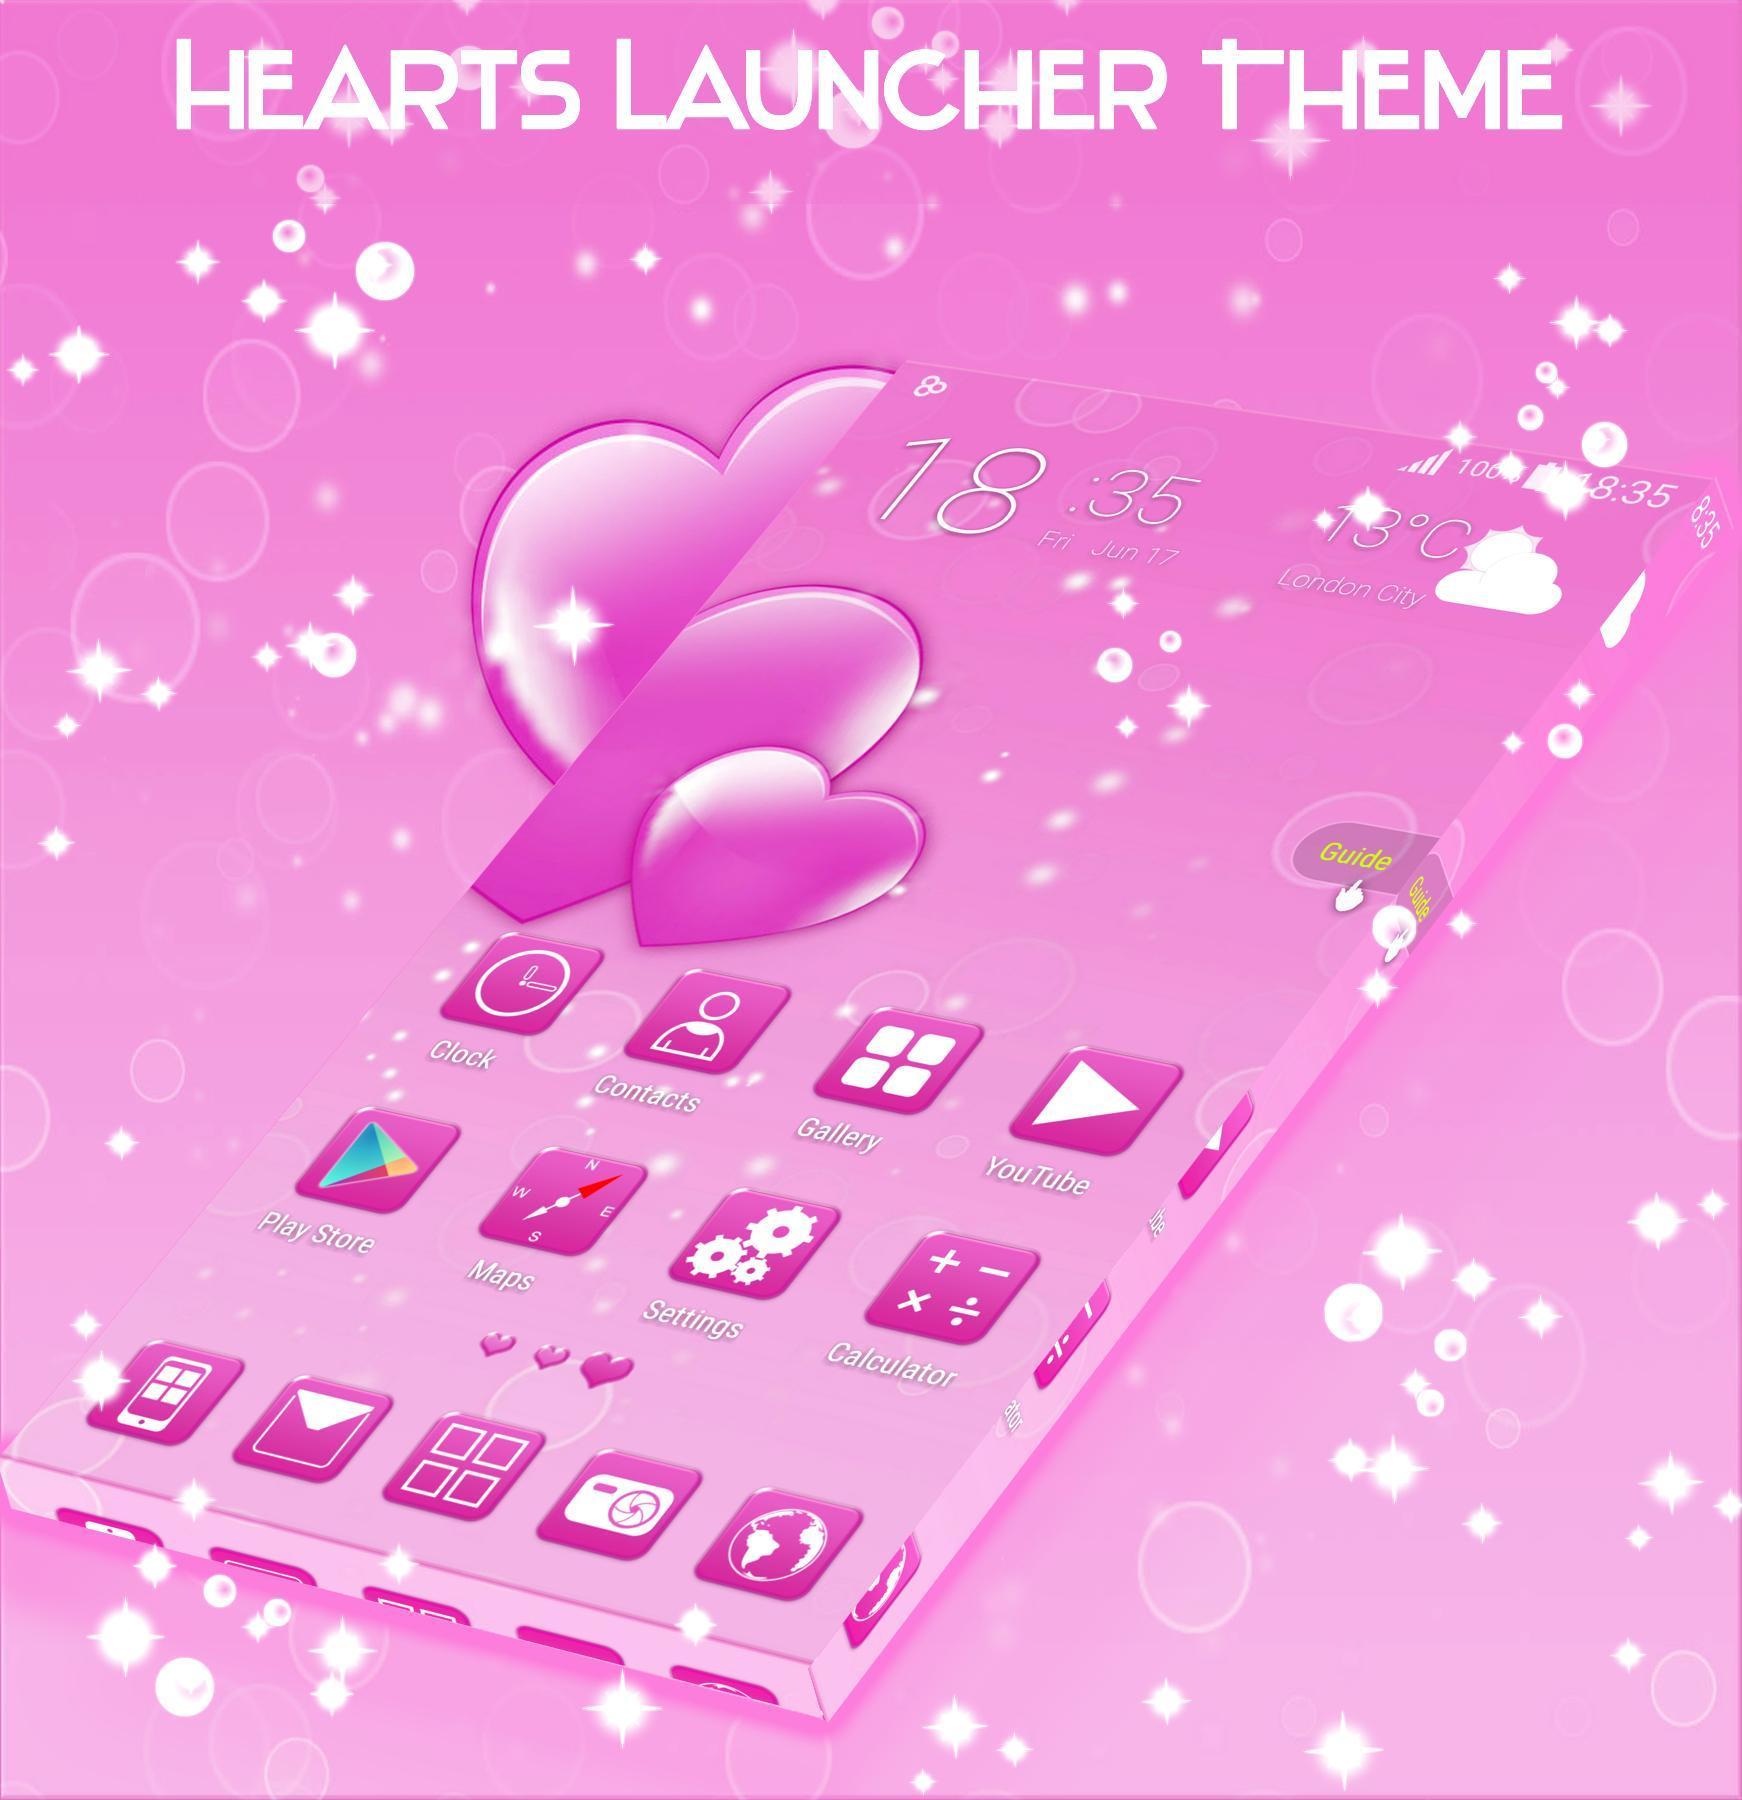 Hearts Launcher Theme screenshot 2